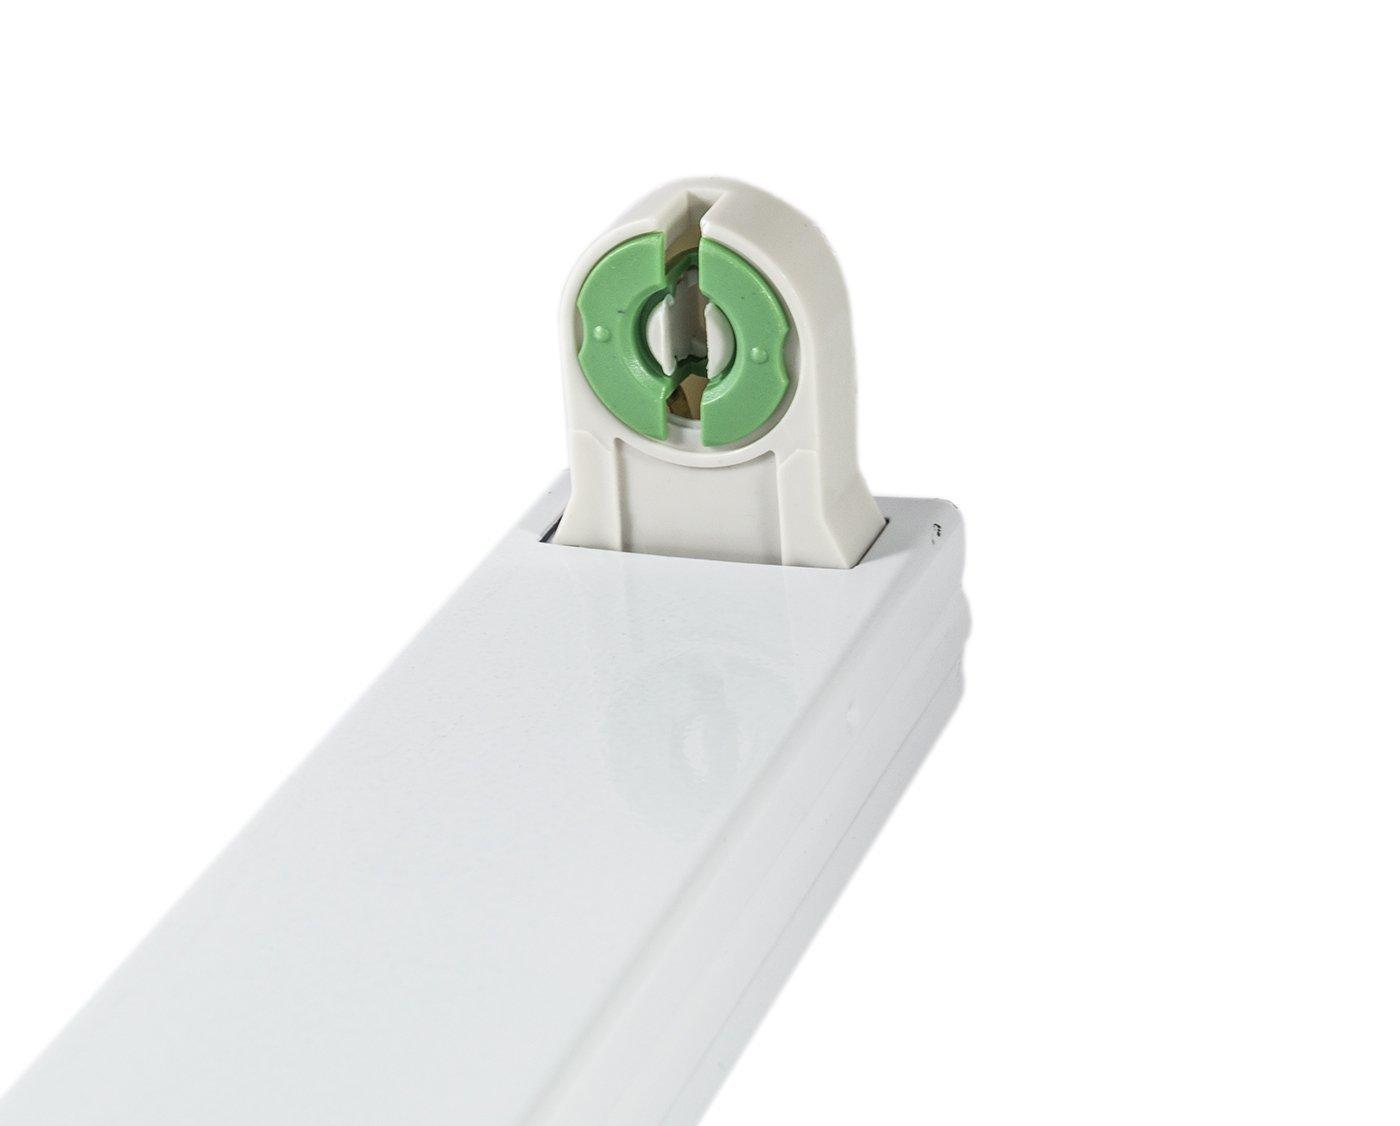 Supporto Porta neon per neon led senza starter ne reattore attacco diretto alla 220 volt diverse misure (120 cm)